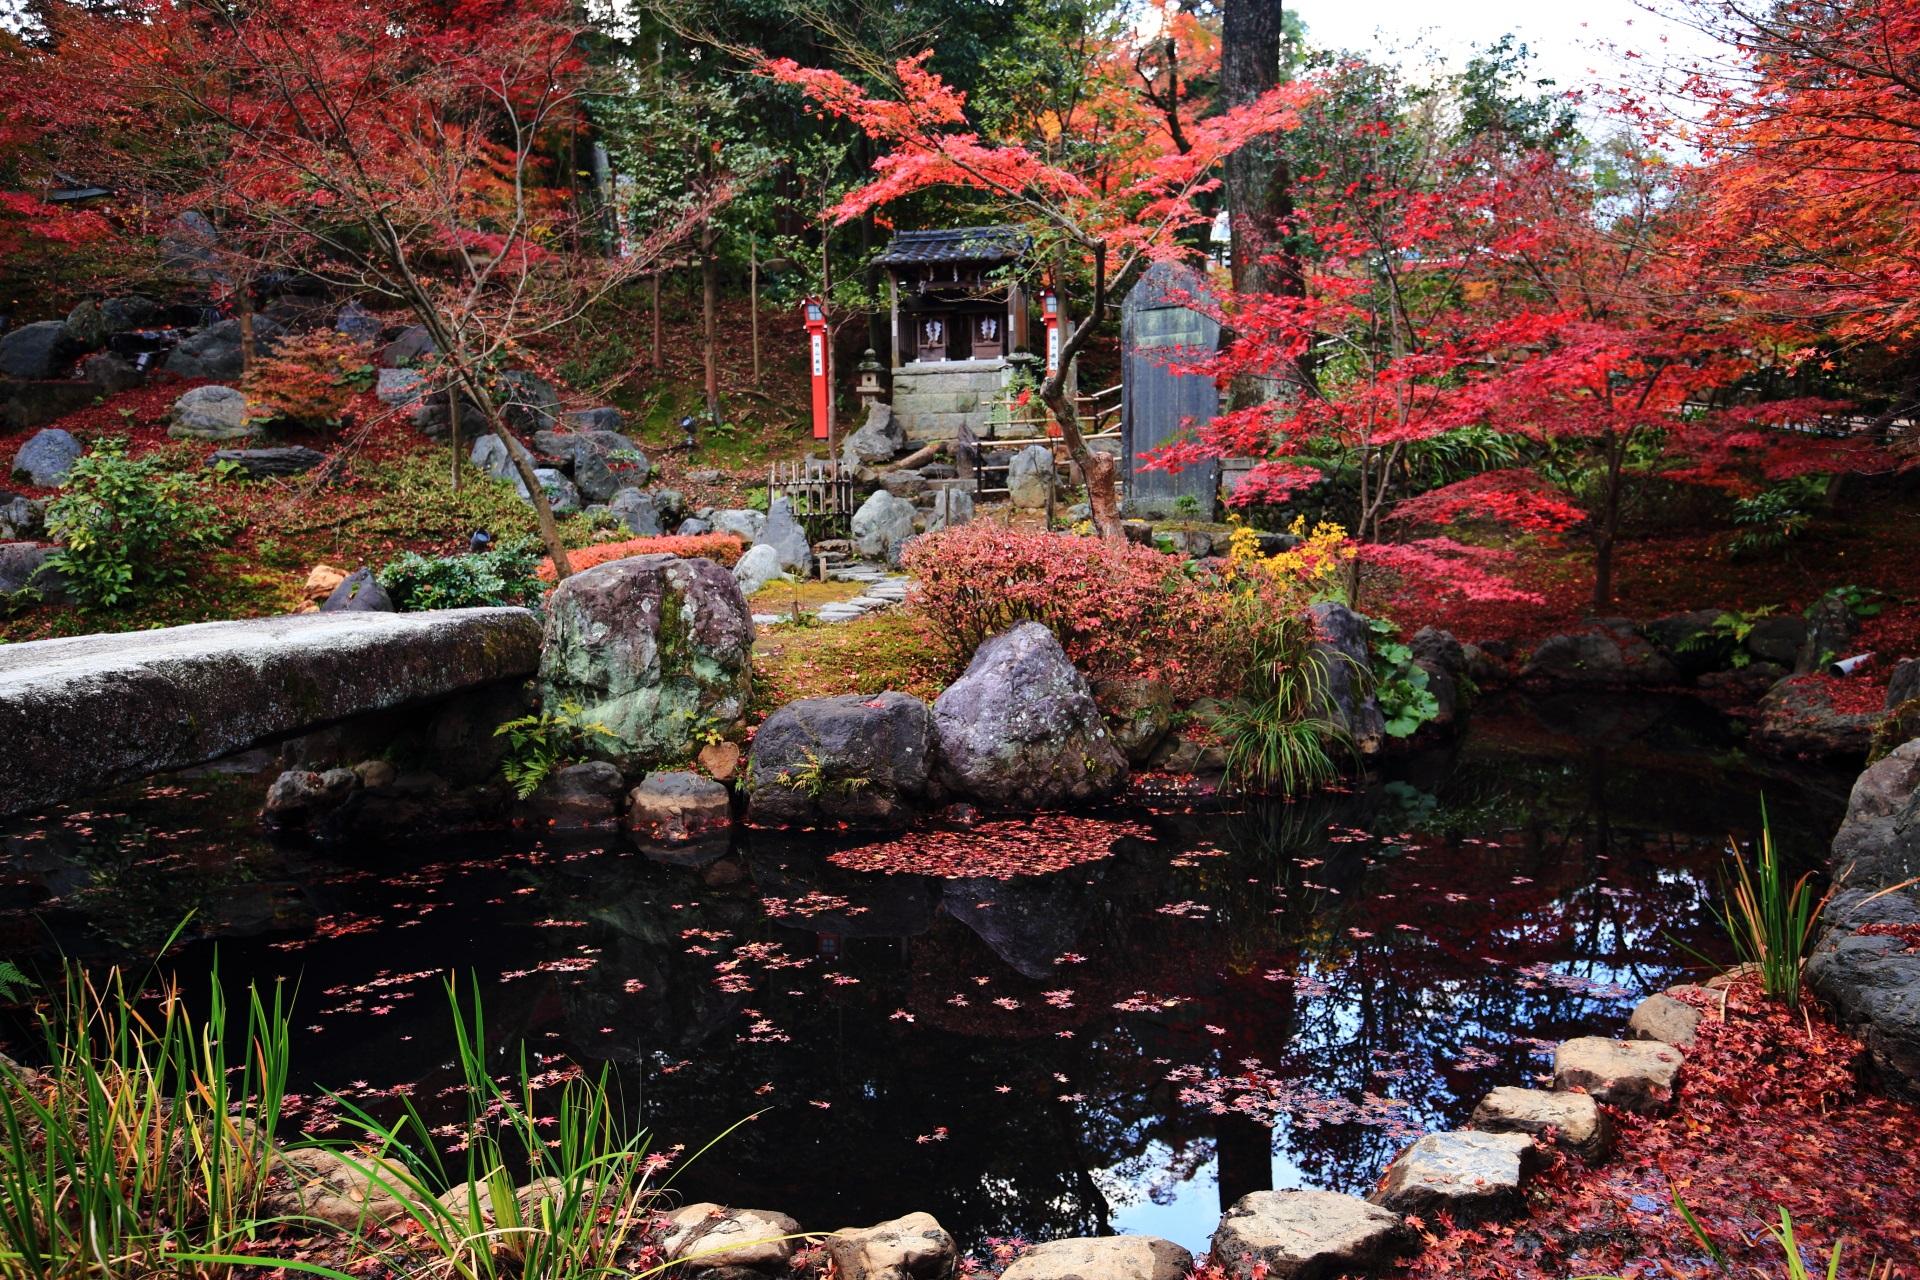 水辺を彩る鮮やかな紅葉と水面を染める風情ある散りもみじ